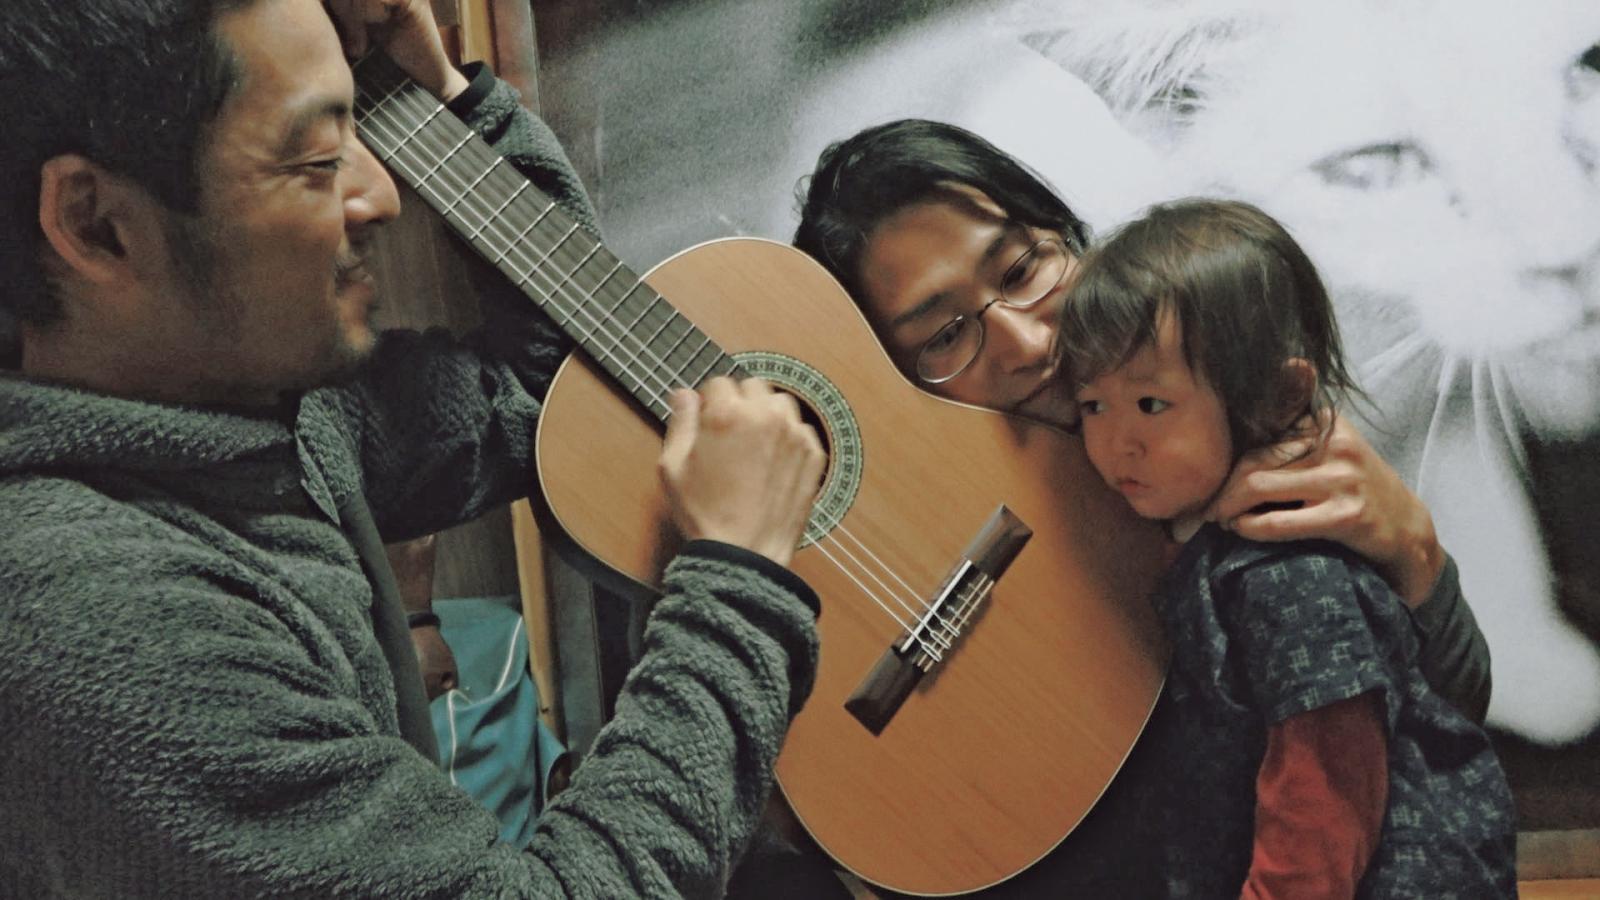 七尾氏のギターの音を聴く齋藤氏と息子の樹(いつき)くん。